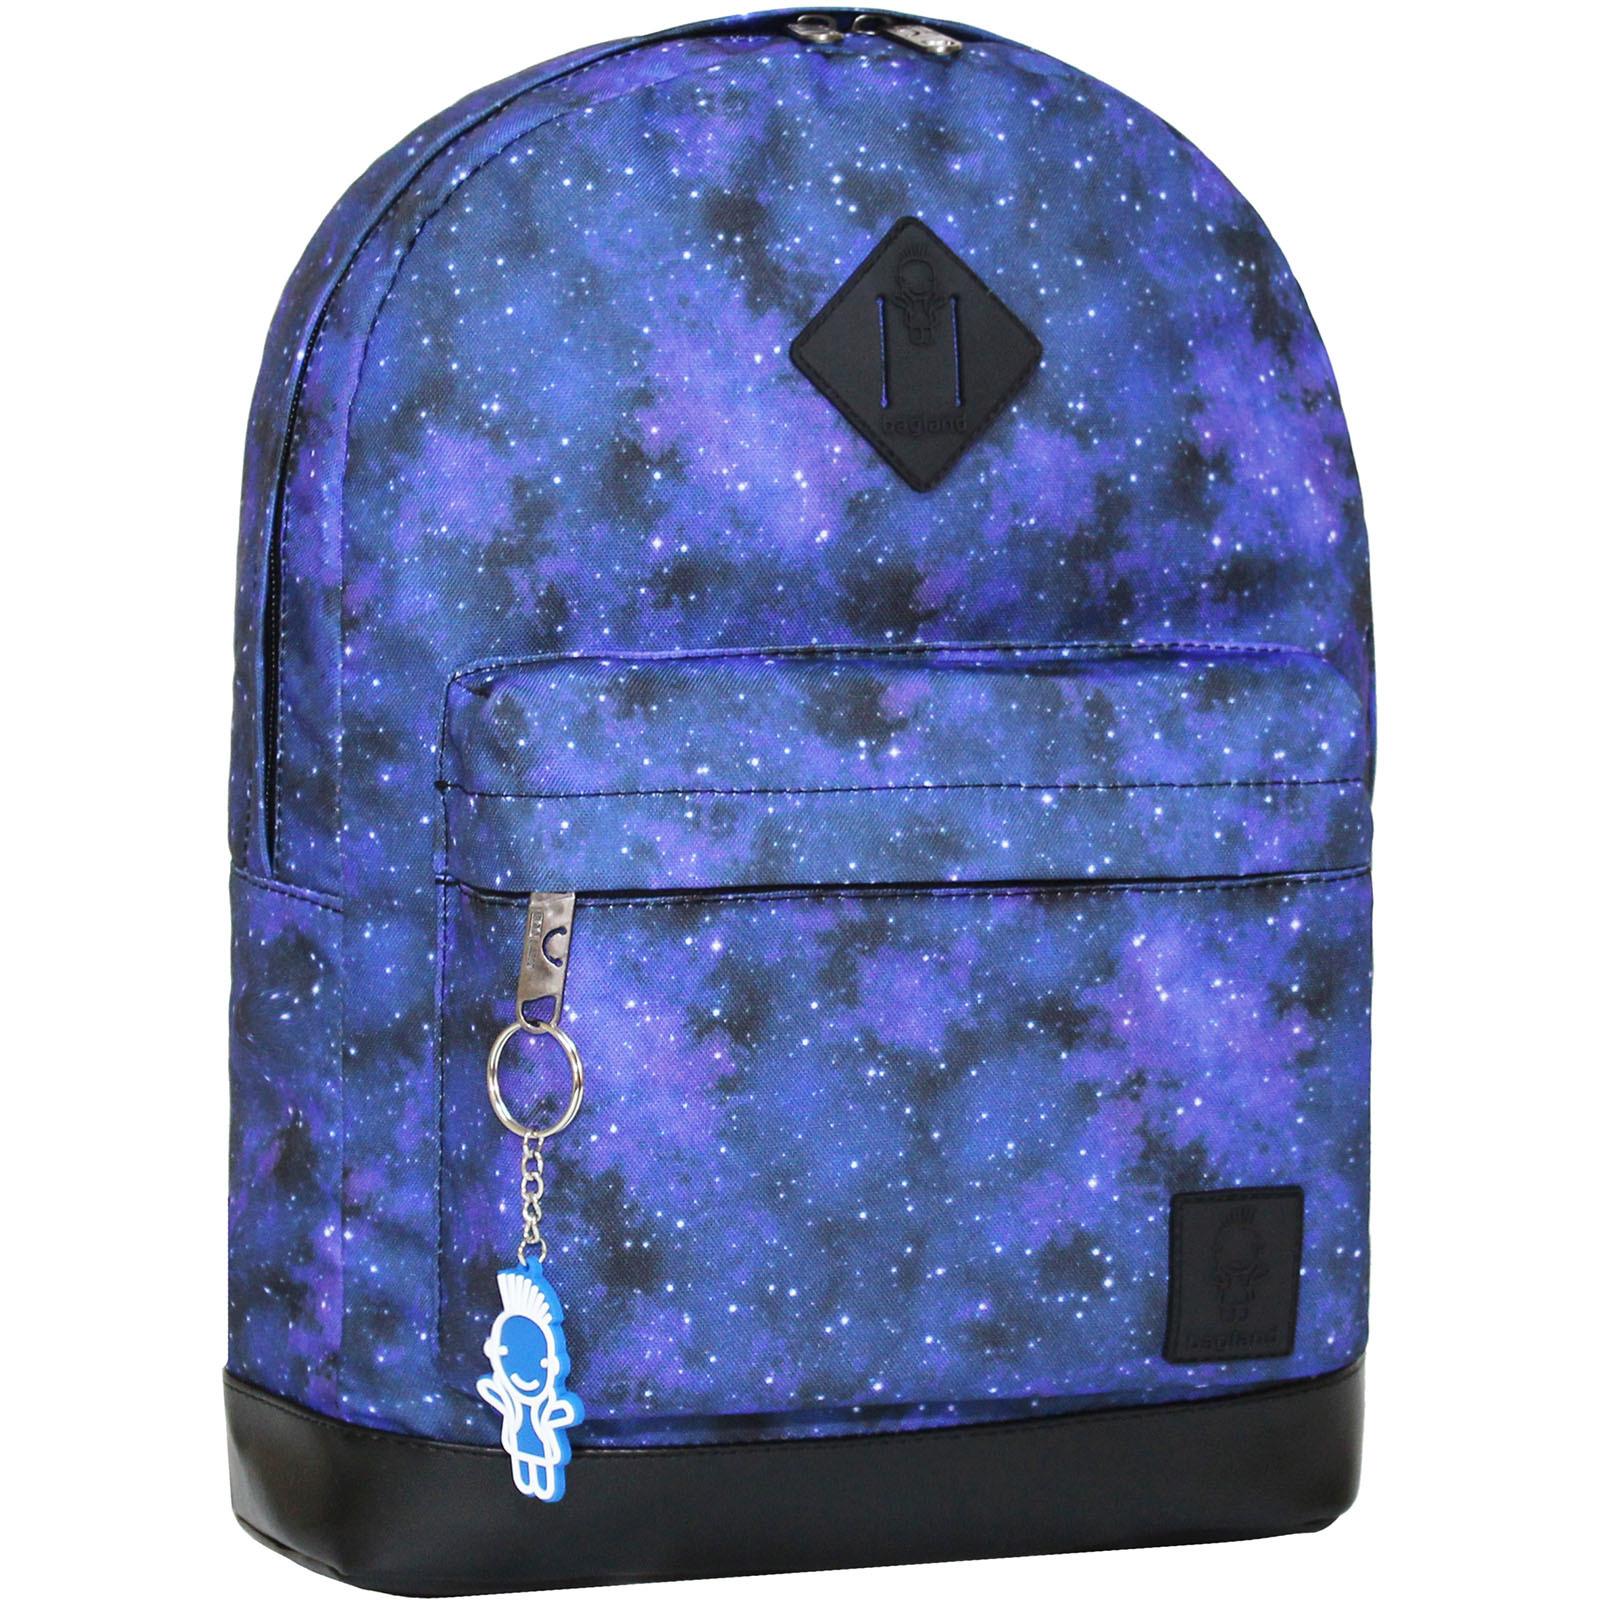 Городские рюкзаки Рюкзак Bagland Молодежный 17 л. сублимация (космос) (005336640) IMG_5986.JPG